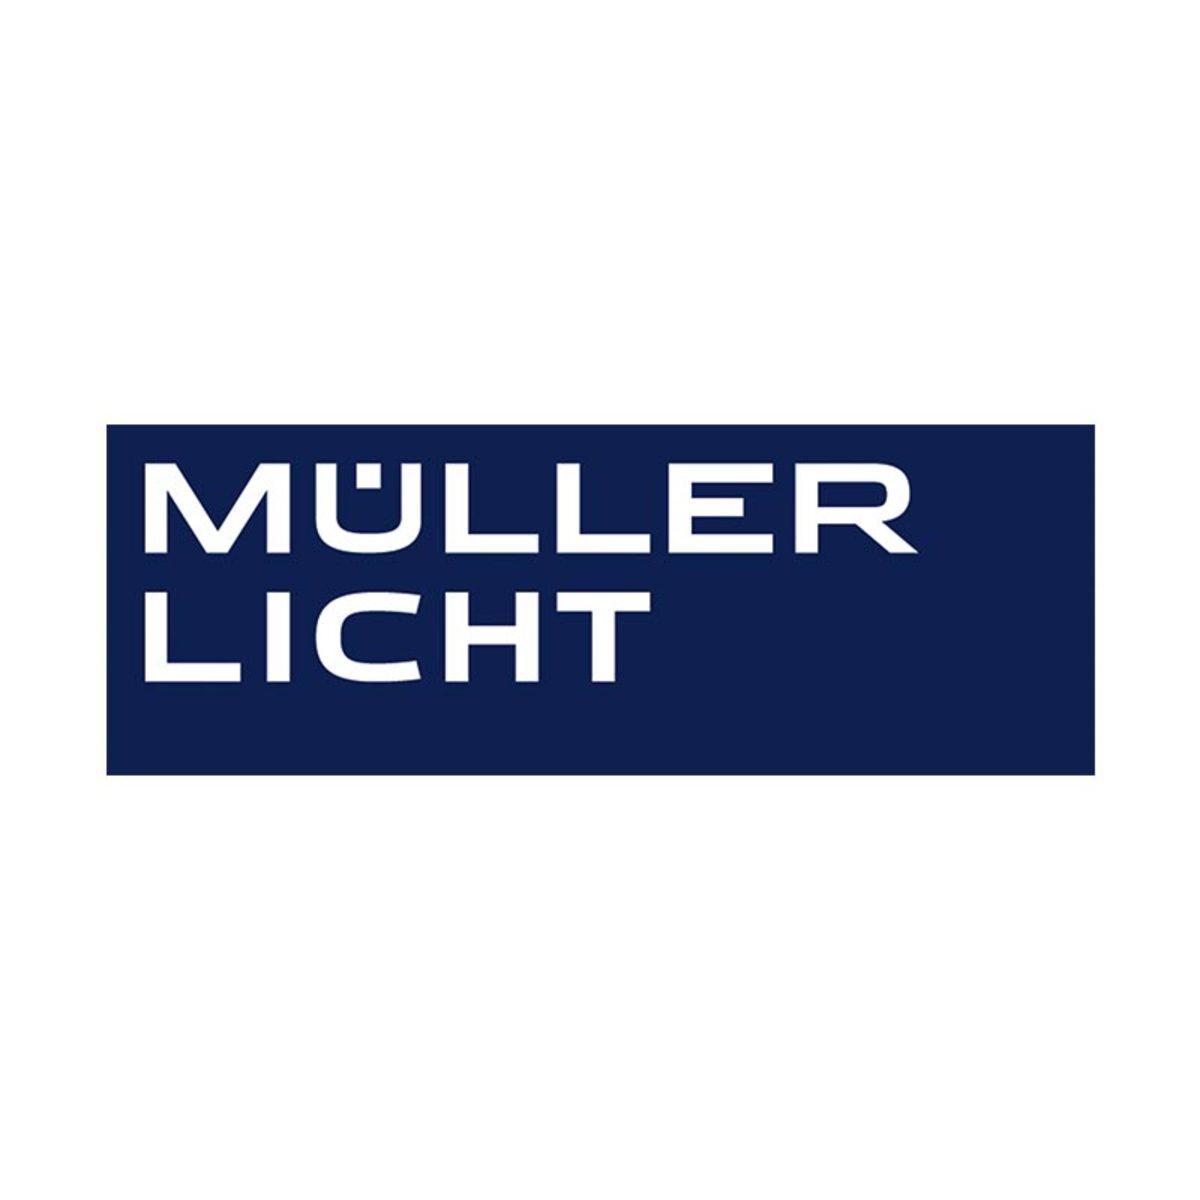 Bild 3 von Müller Licht LED Make Up Light